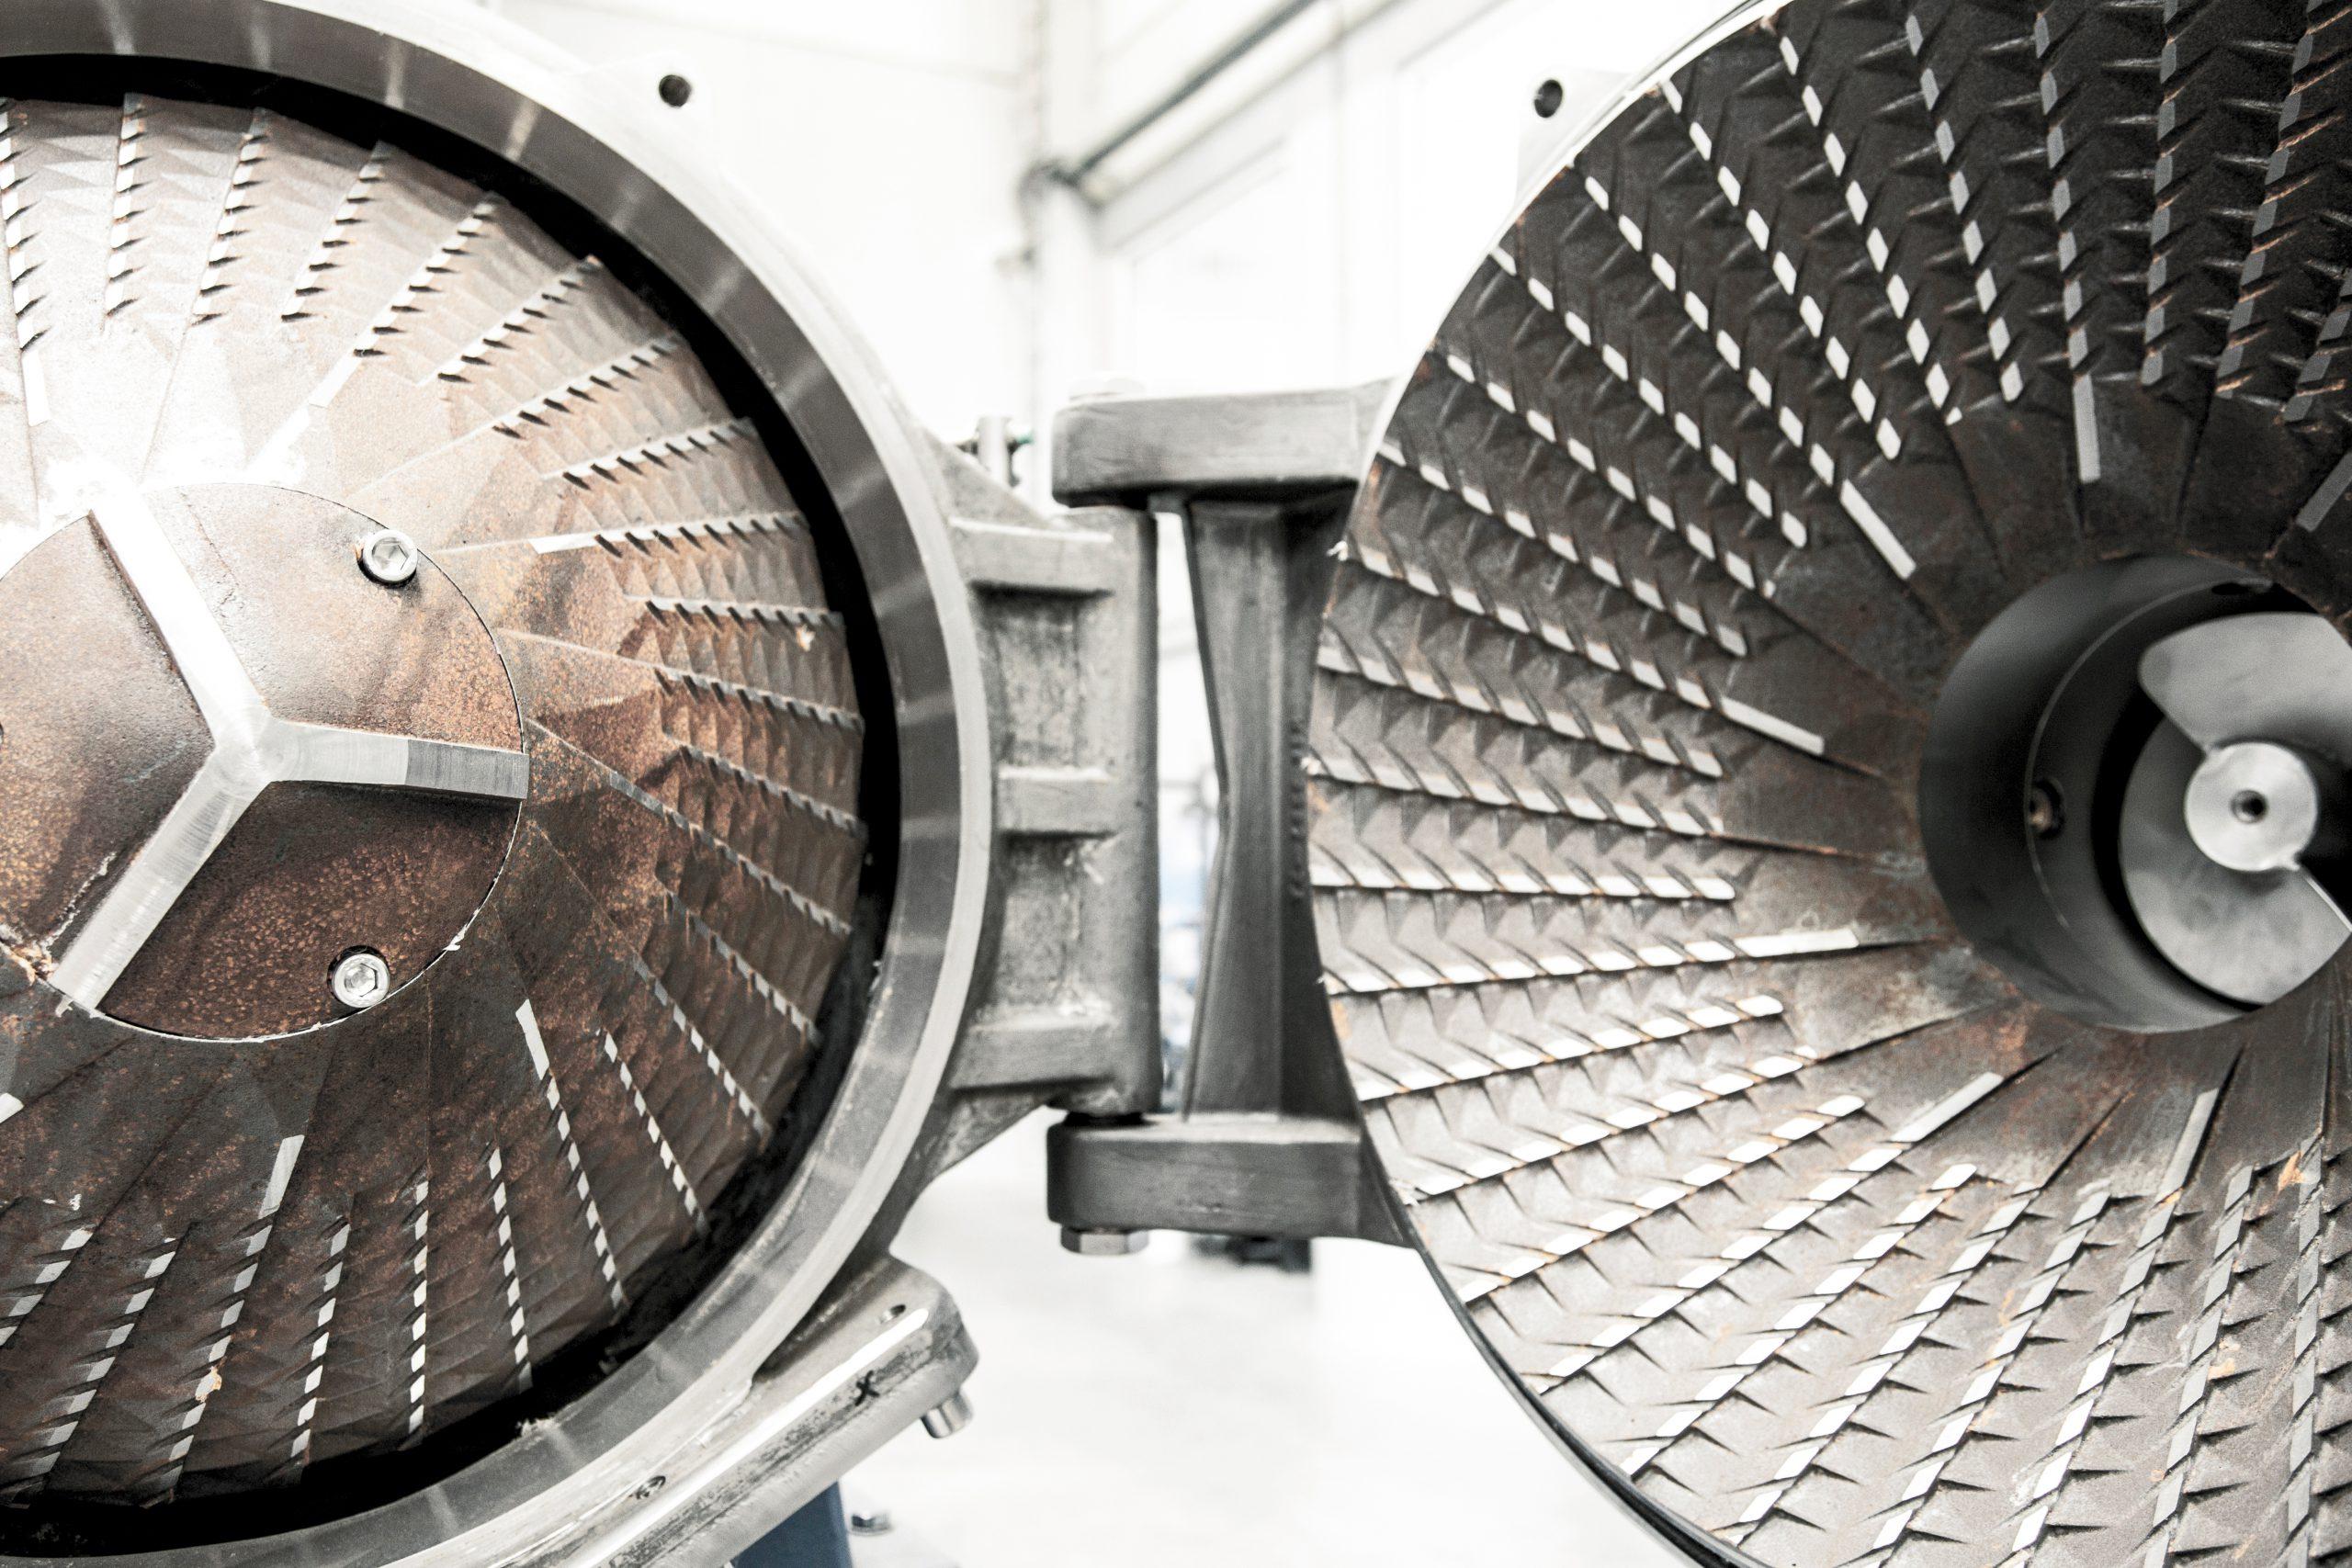 Der in Deutschland entwickelte HydroCleaner basiert auf dem Prinzip der hydrodynamischen Oberflächenreibung und kommt ohne Chemie aus. Eine Vielzahl von Kunsstoffarten kann damit hochrein aufbereitet werden.